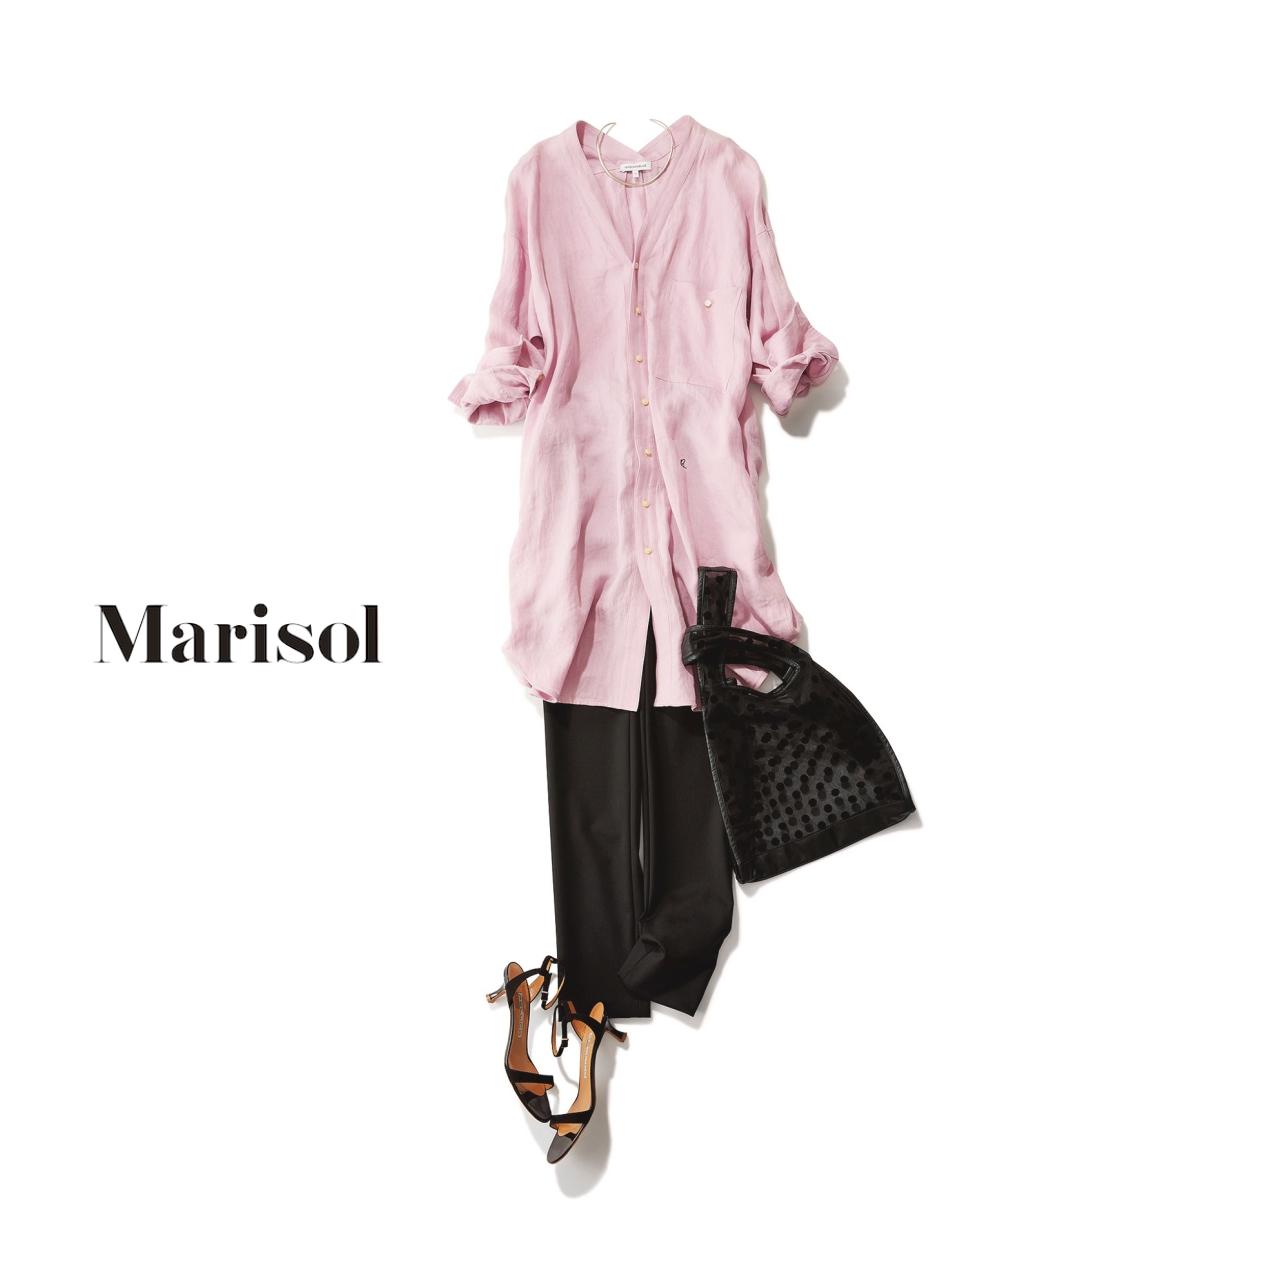 40代ファッション ピンクボリュームシャツ×黒スキニーパンツコーデ